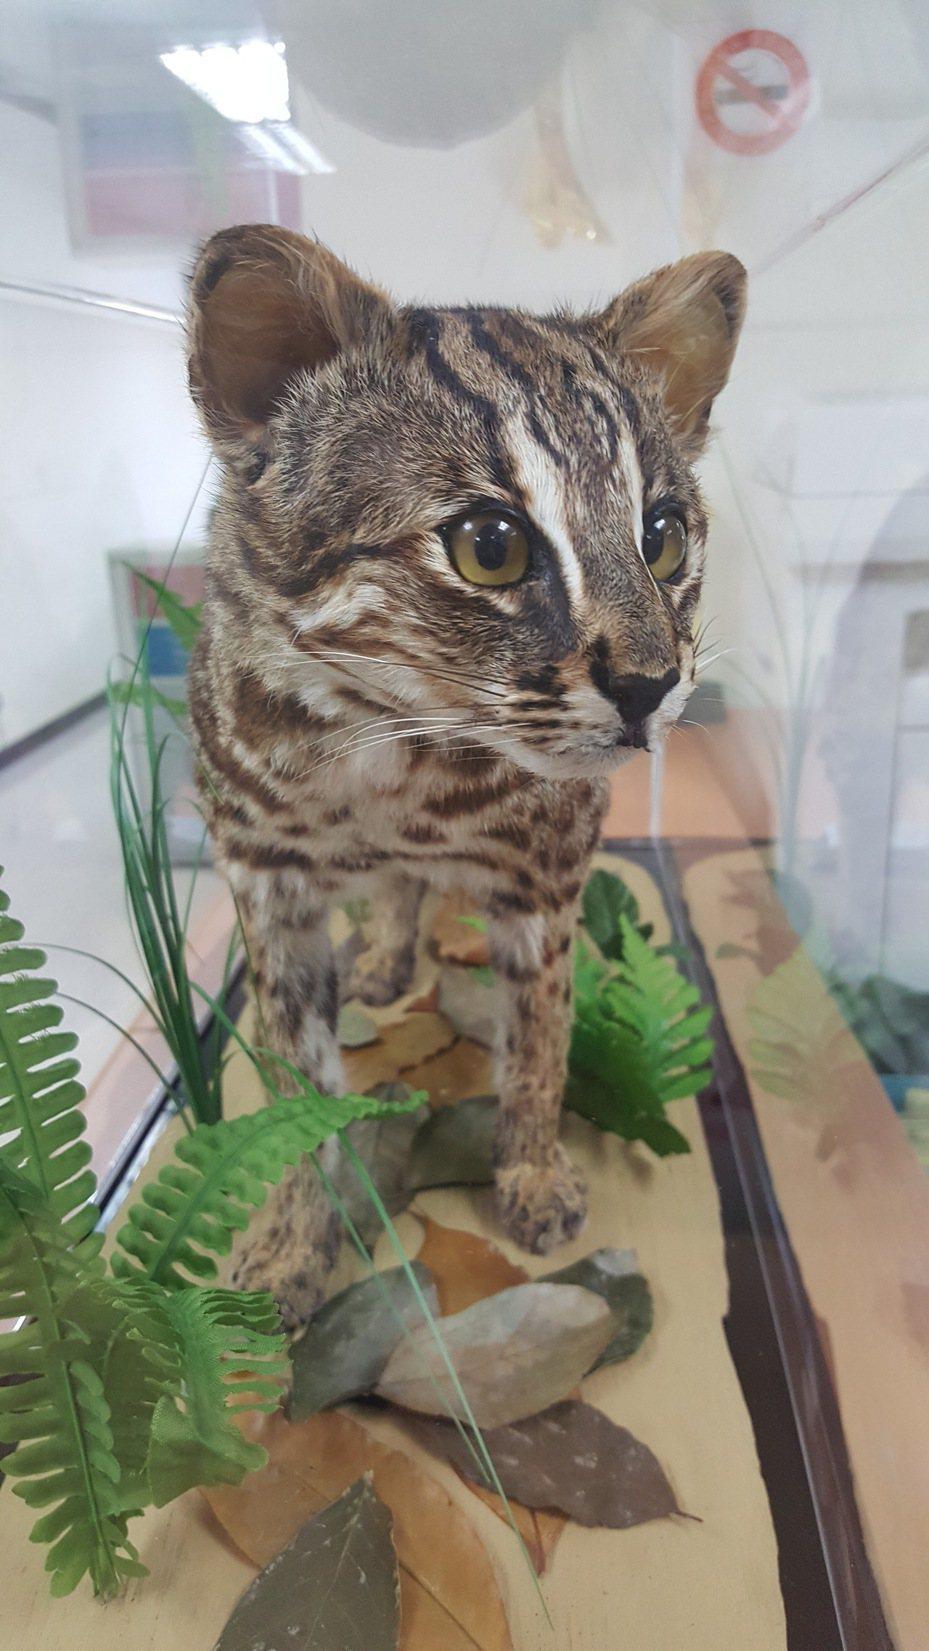 苗栗縣政府將去年底遭路殺的一隻公石虎製成標本,在農業處提供展示,宣導民眾認識及石虎保育。記者胡蓬生/攝影